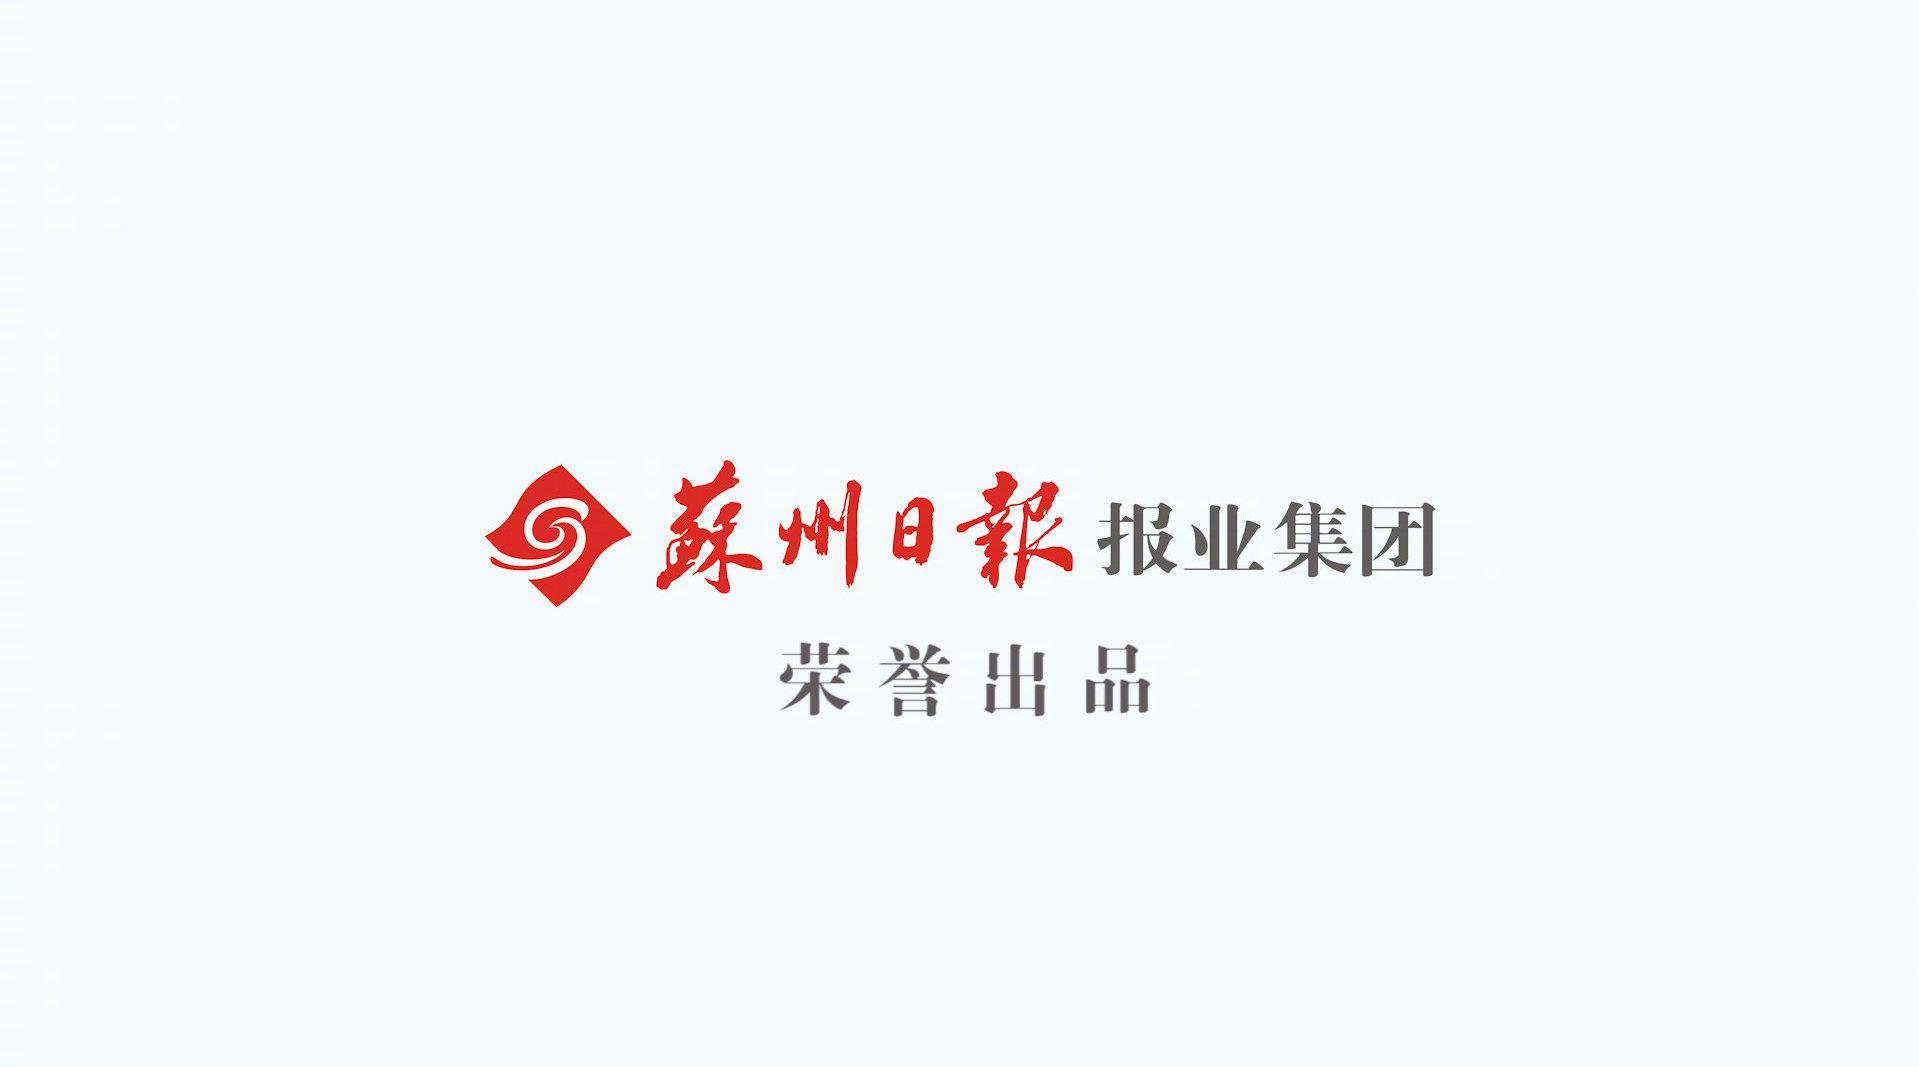 """古代""""苏城码""""重现姑苏城很多""""老苏州""""都不知道"""